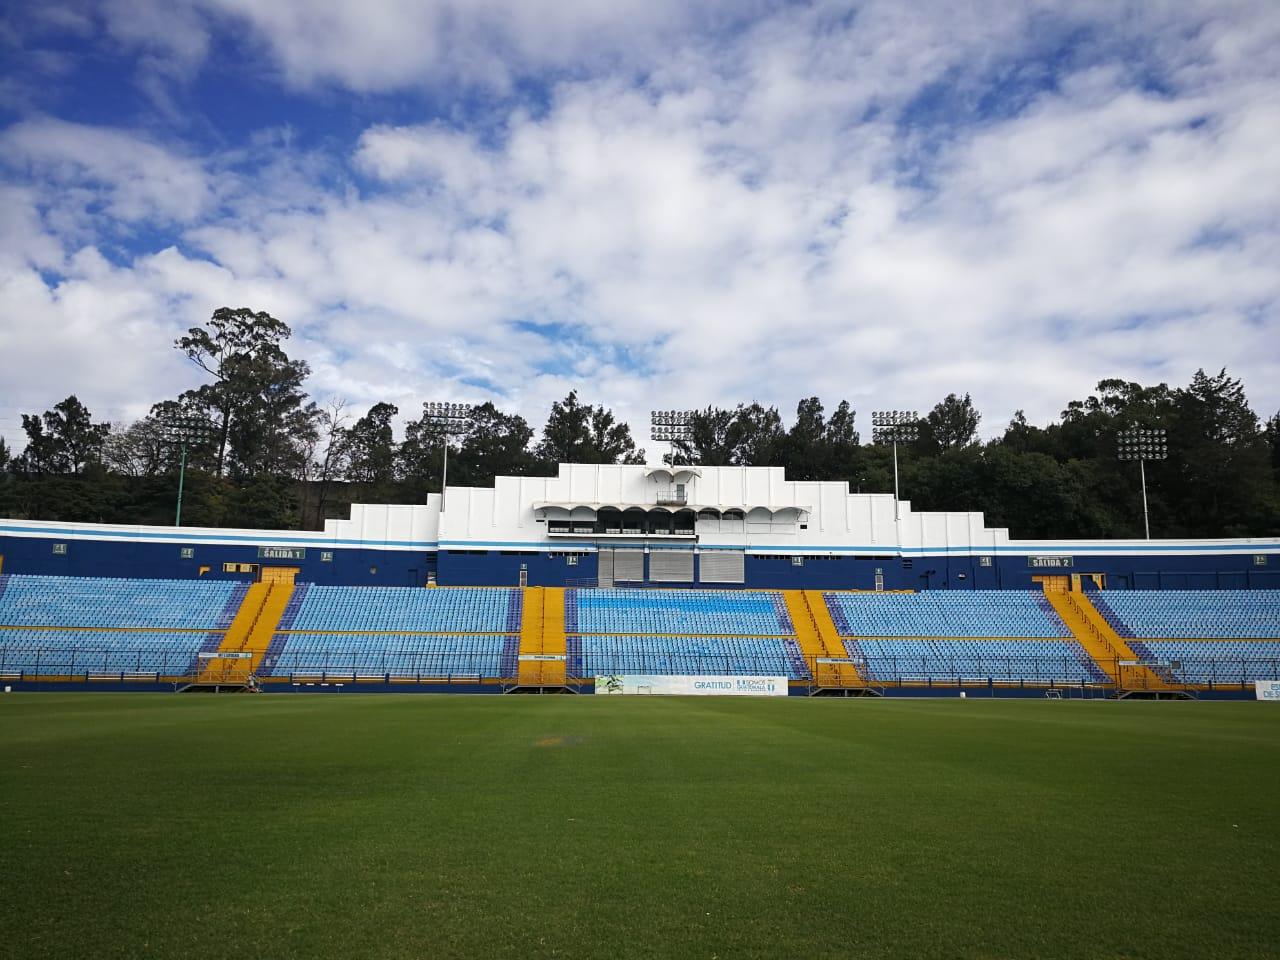 El estadio Doroteo Guamuch Flores se vestirá de gala el 3 de abril para el clásico Comunicaciones vs Municipal. (Foto Prensa Libre: Jorge Ovalle)